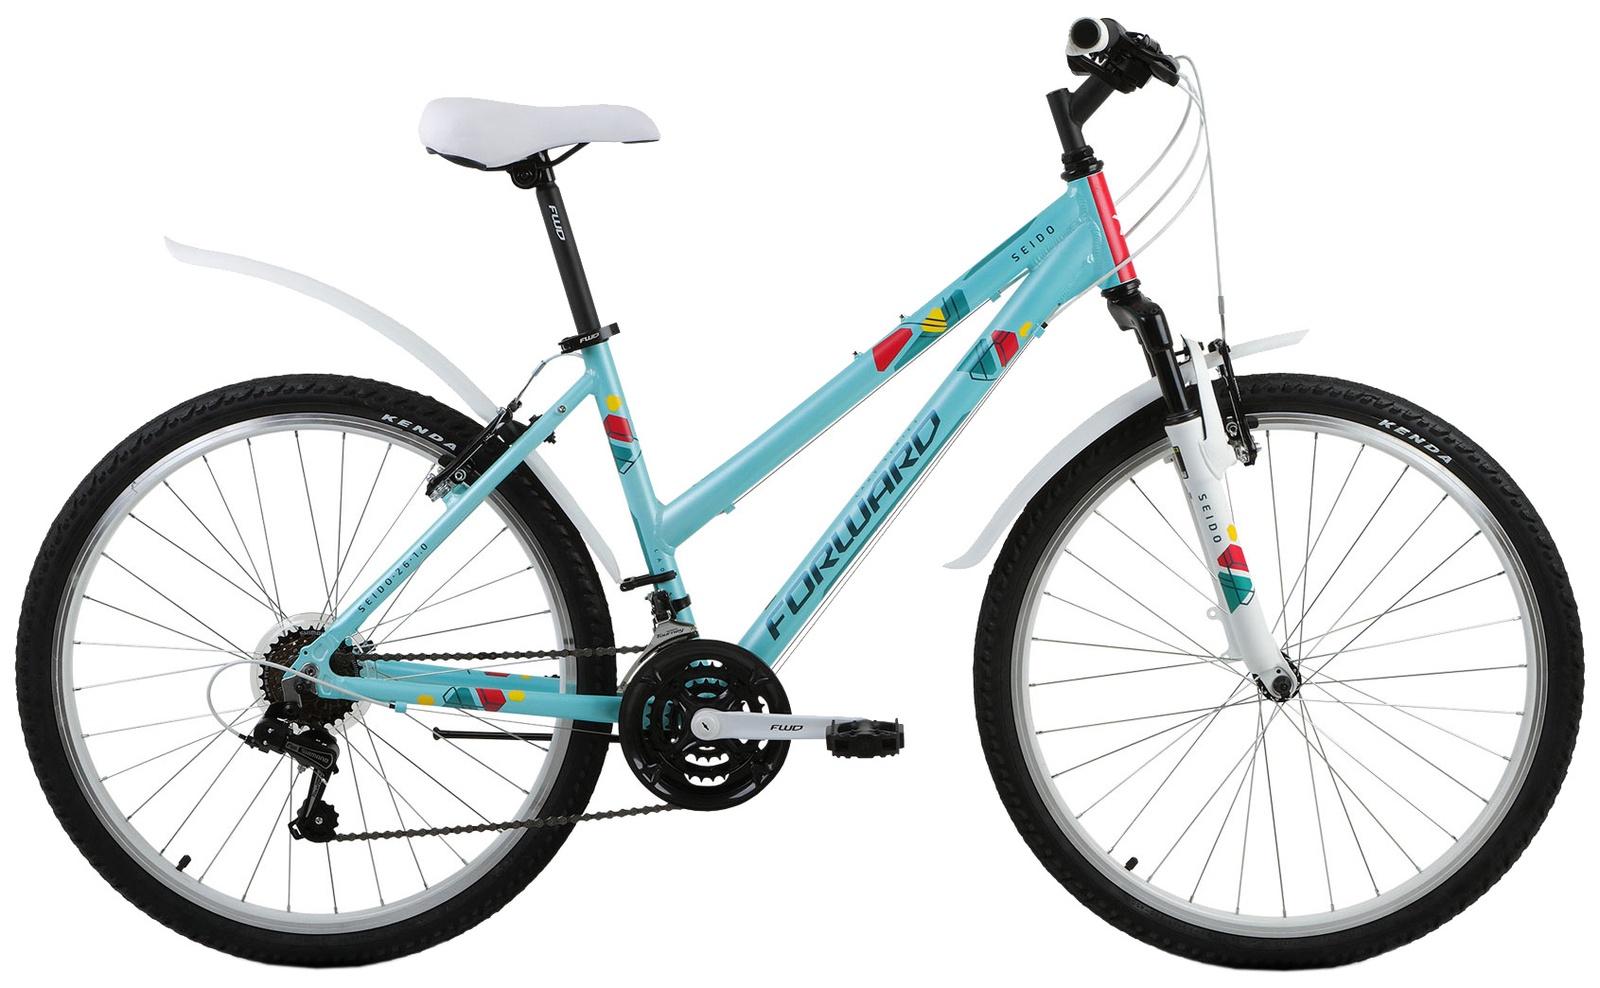 Велосипед Forward SEIDO 26 1.0, RBKW8M66P005, зеленый вилка амортизационная suntour гидравлическая для велосипедов 26 ход 100 120мм sf14 xcr32 rl 26